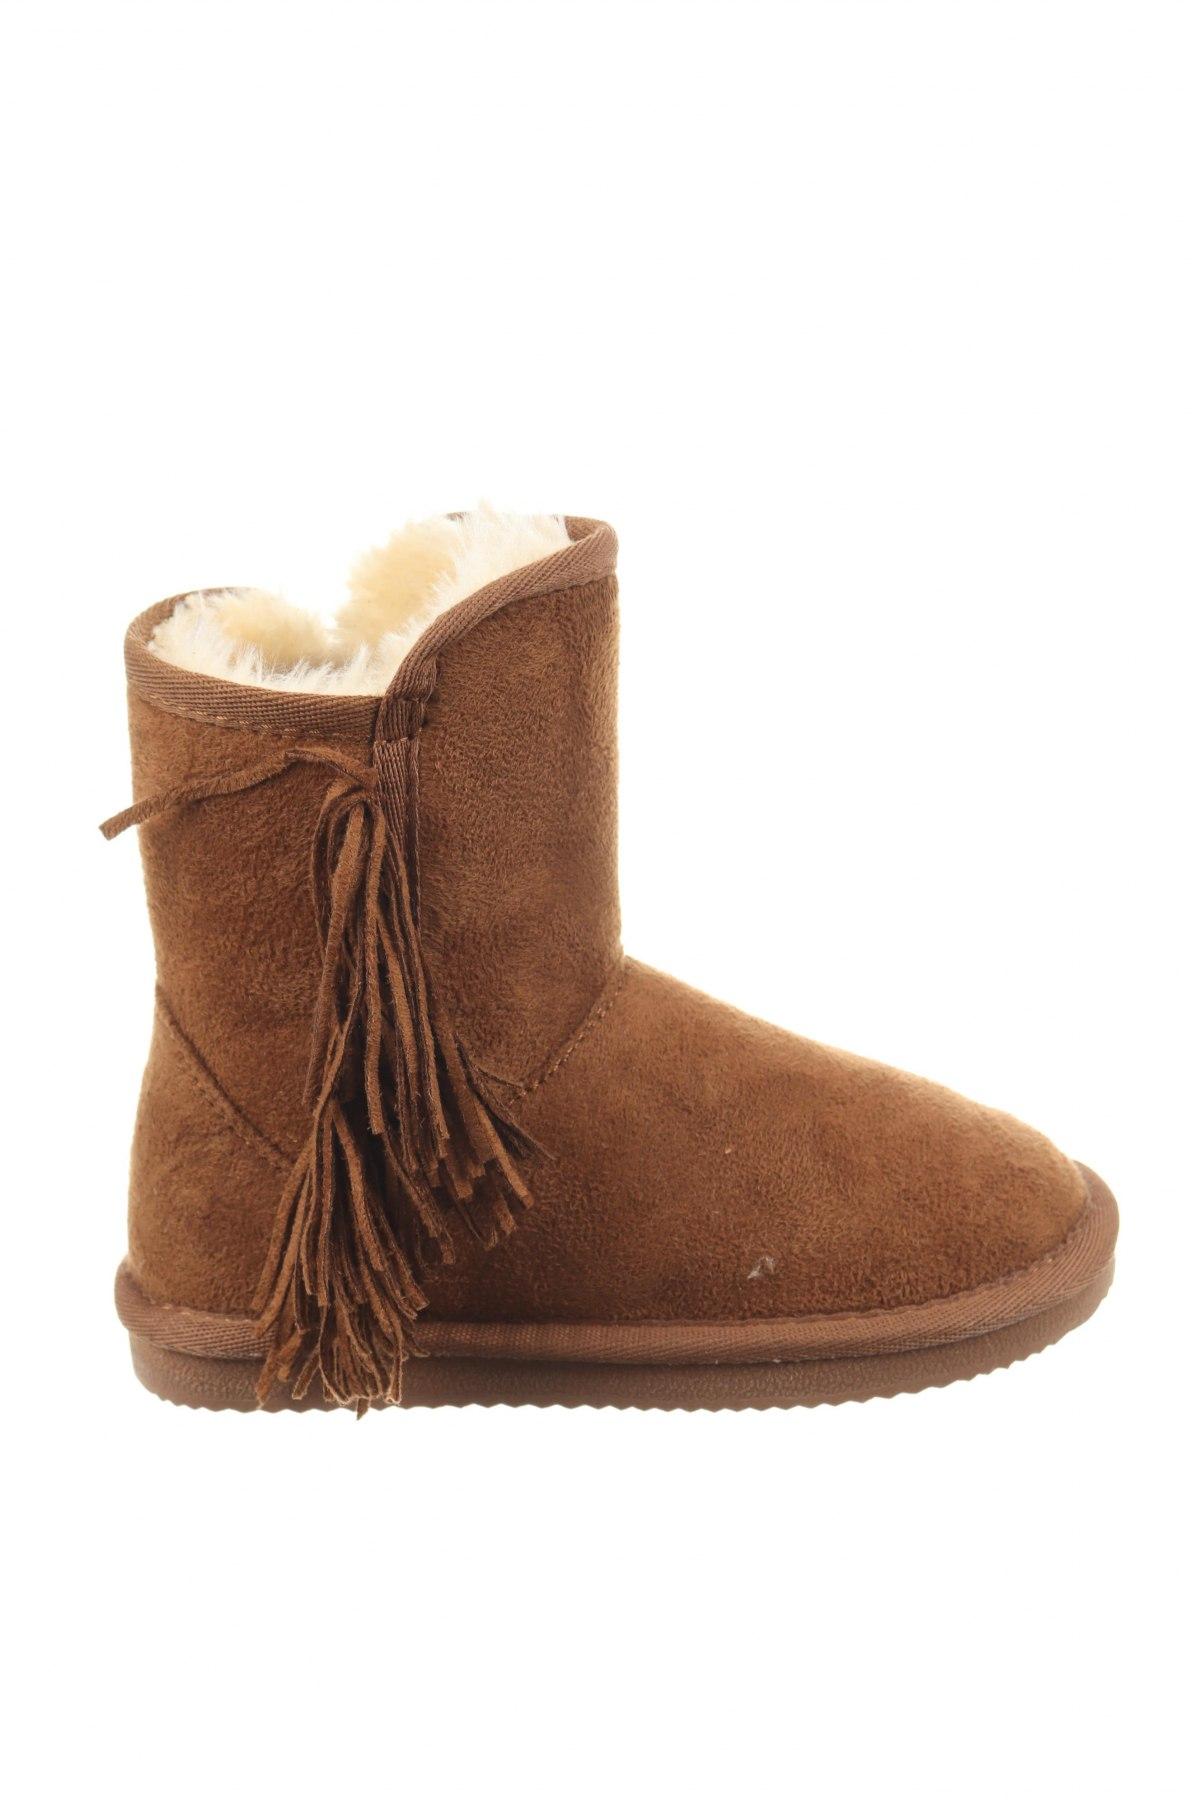 Παιδικά παπούτσια Saxo Blues, Μέγεθος 29, Χρώμα Καφέ, Κλωστοϋφαντουργικά προϊόντα, Τιμή 15,65€